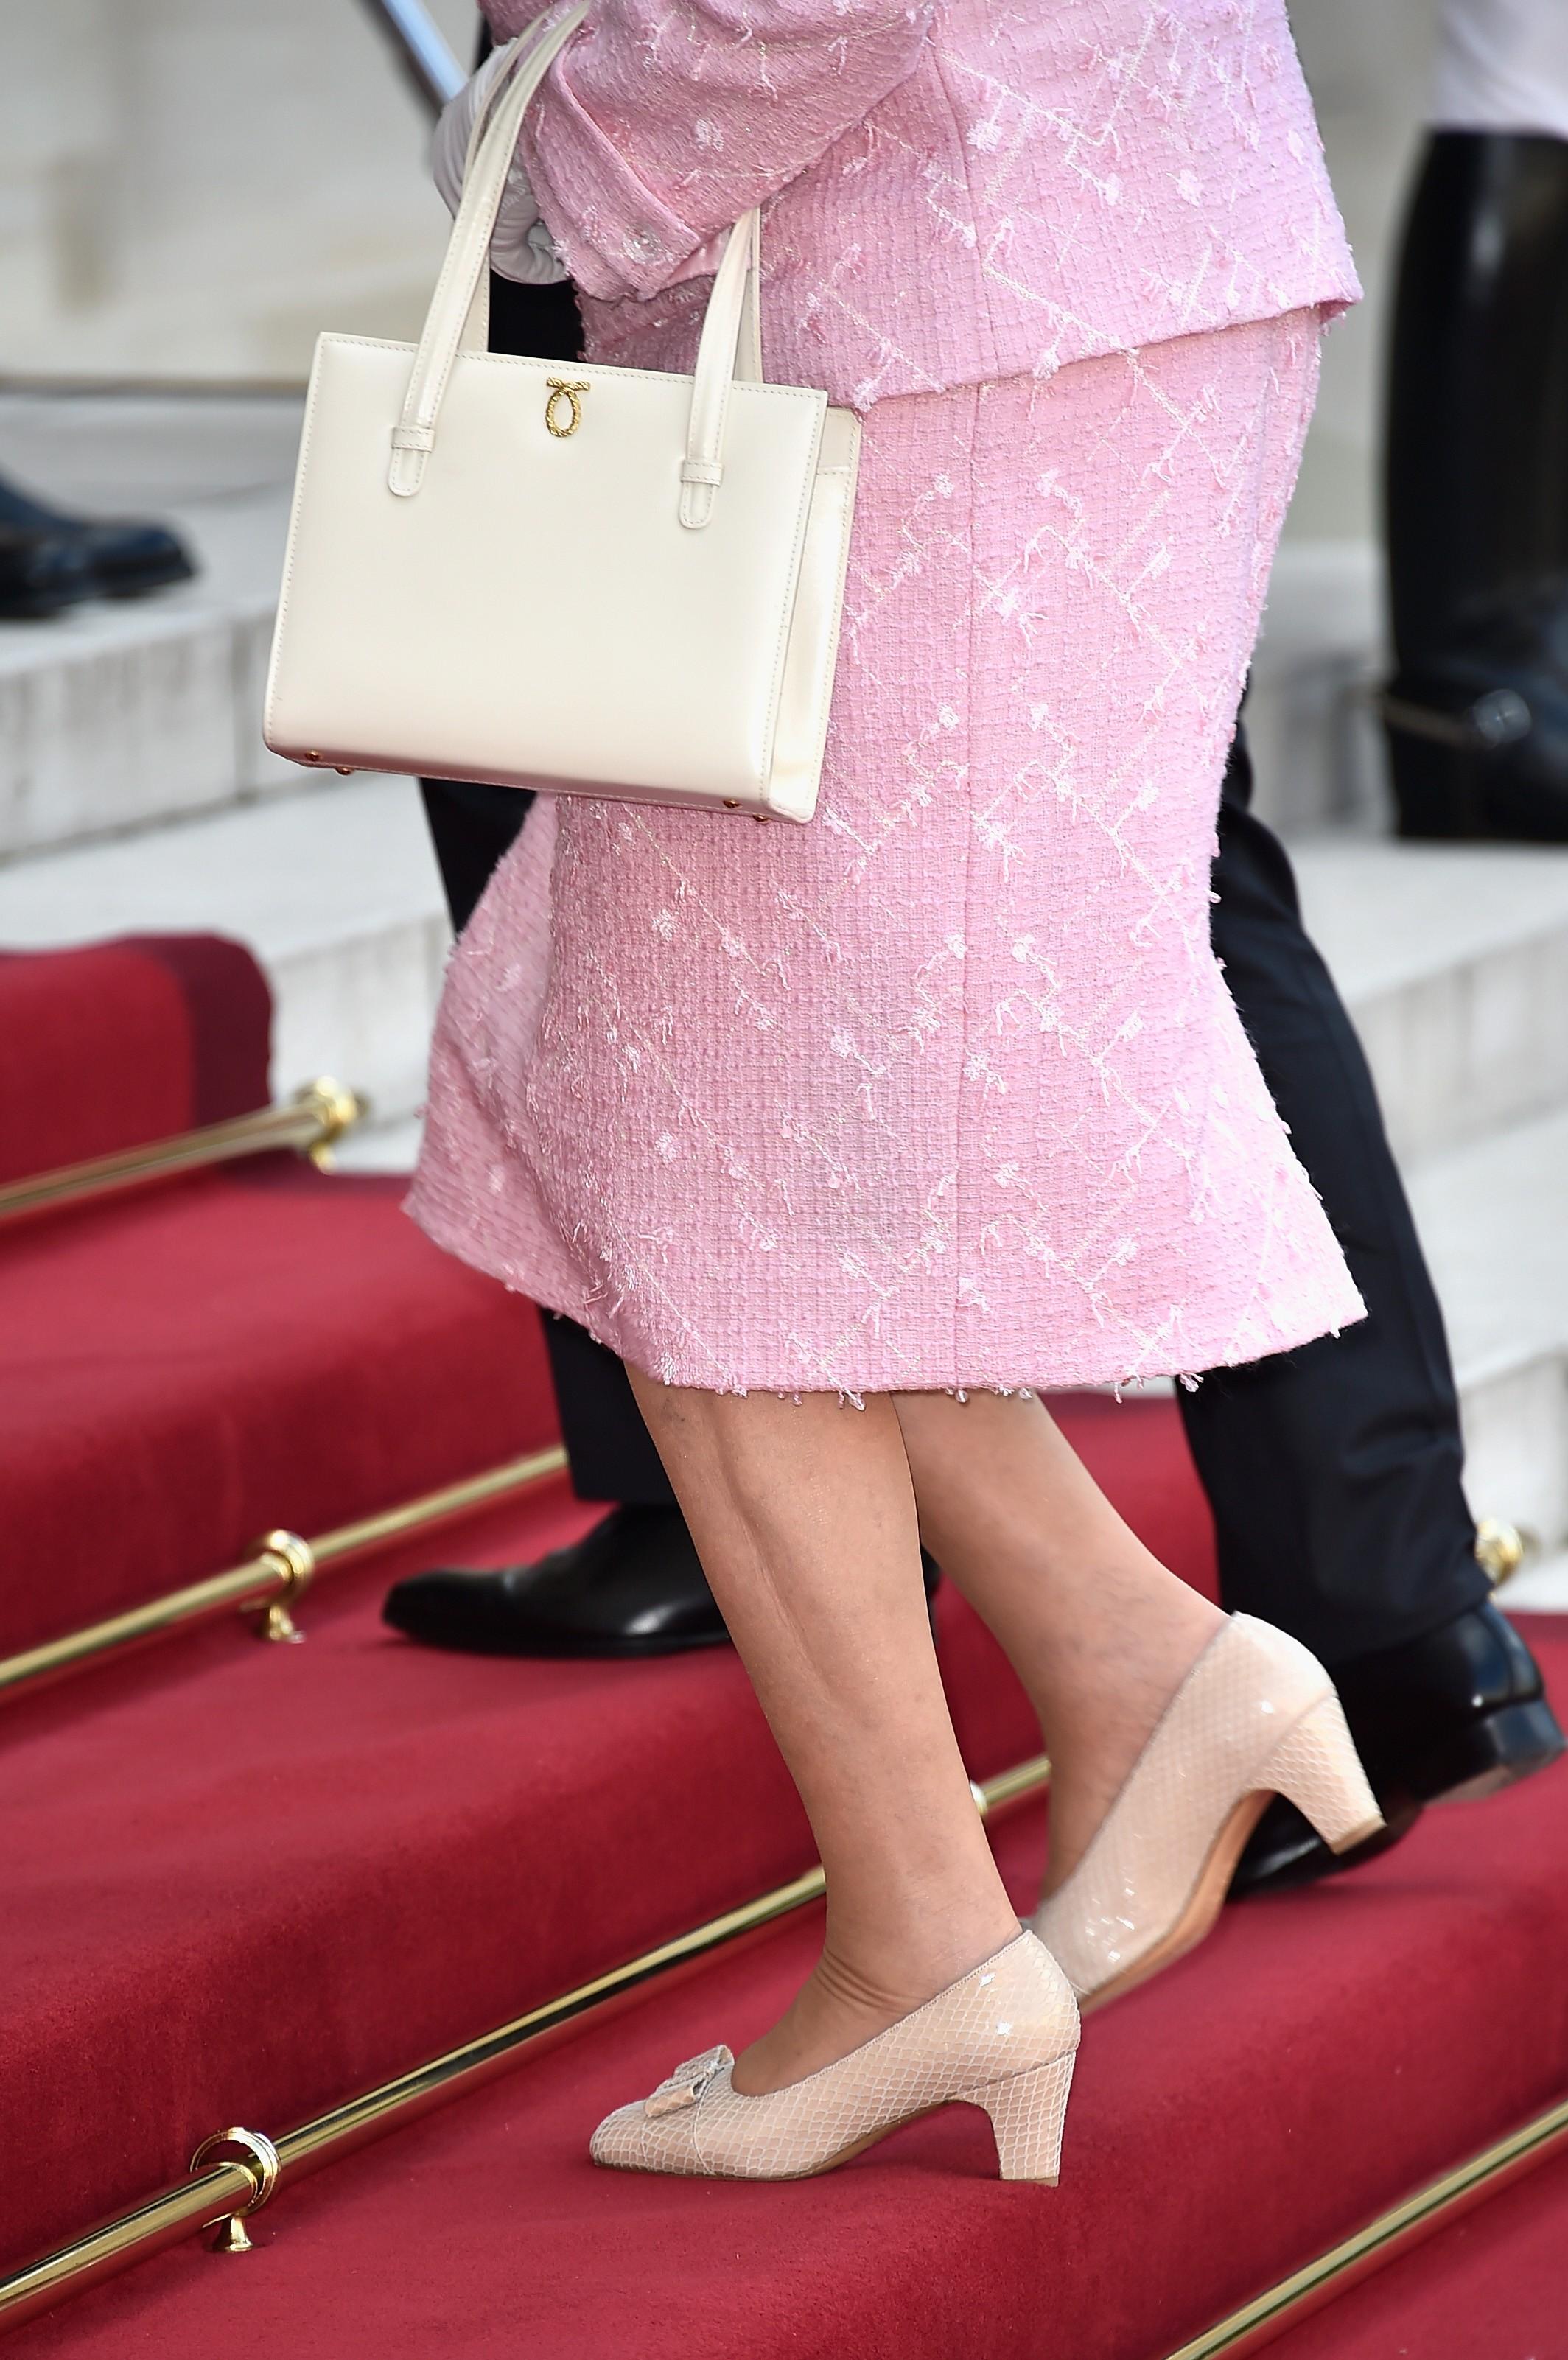 Rainha Elizabeth e uma de suas centenas de bolsas Launer (Foto: Getty Images)